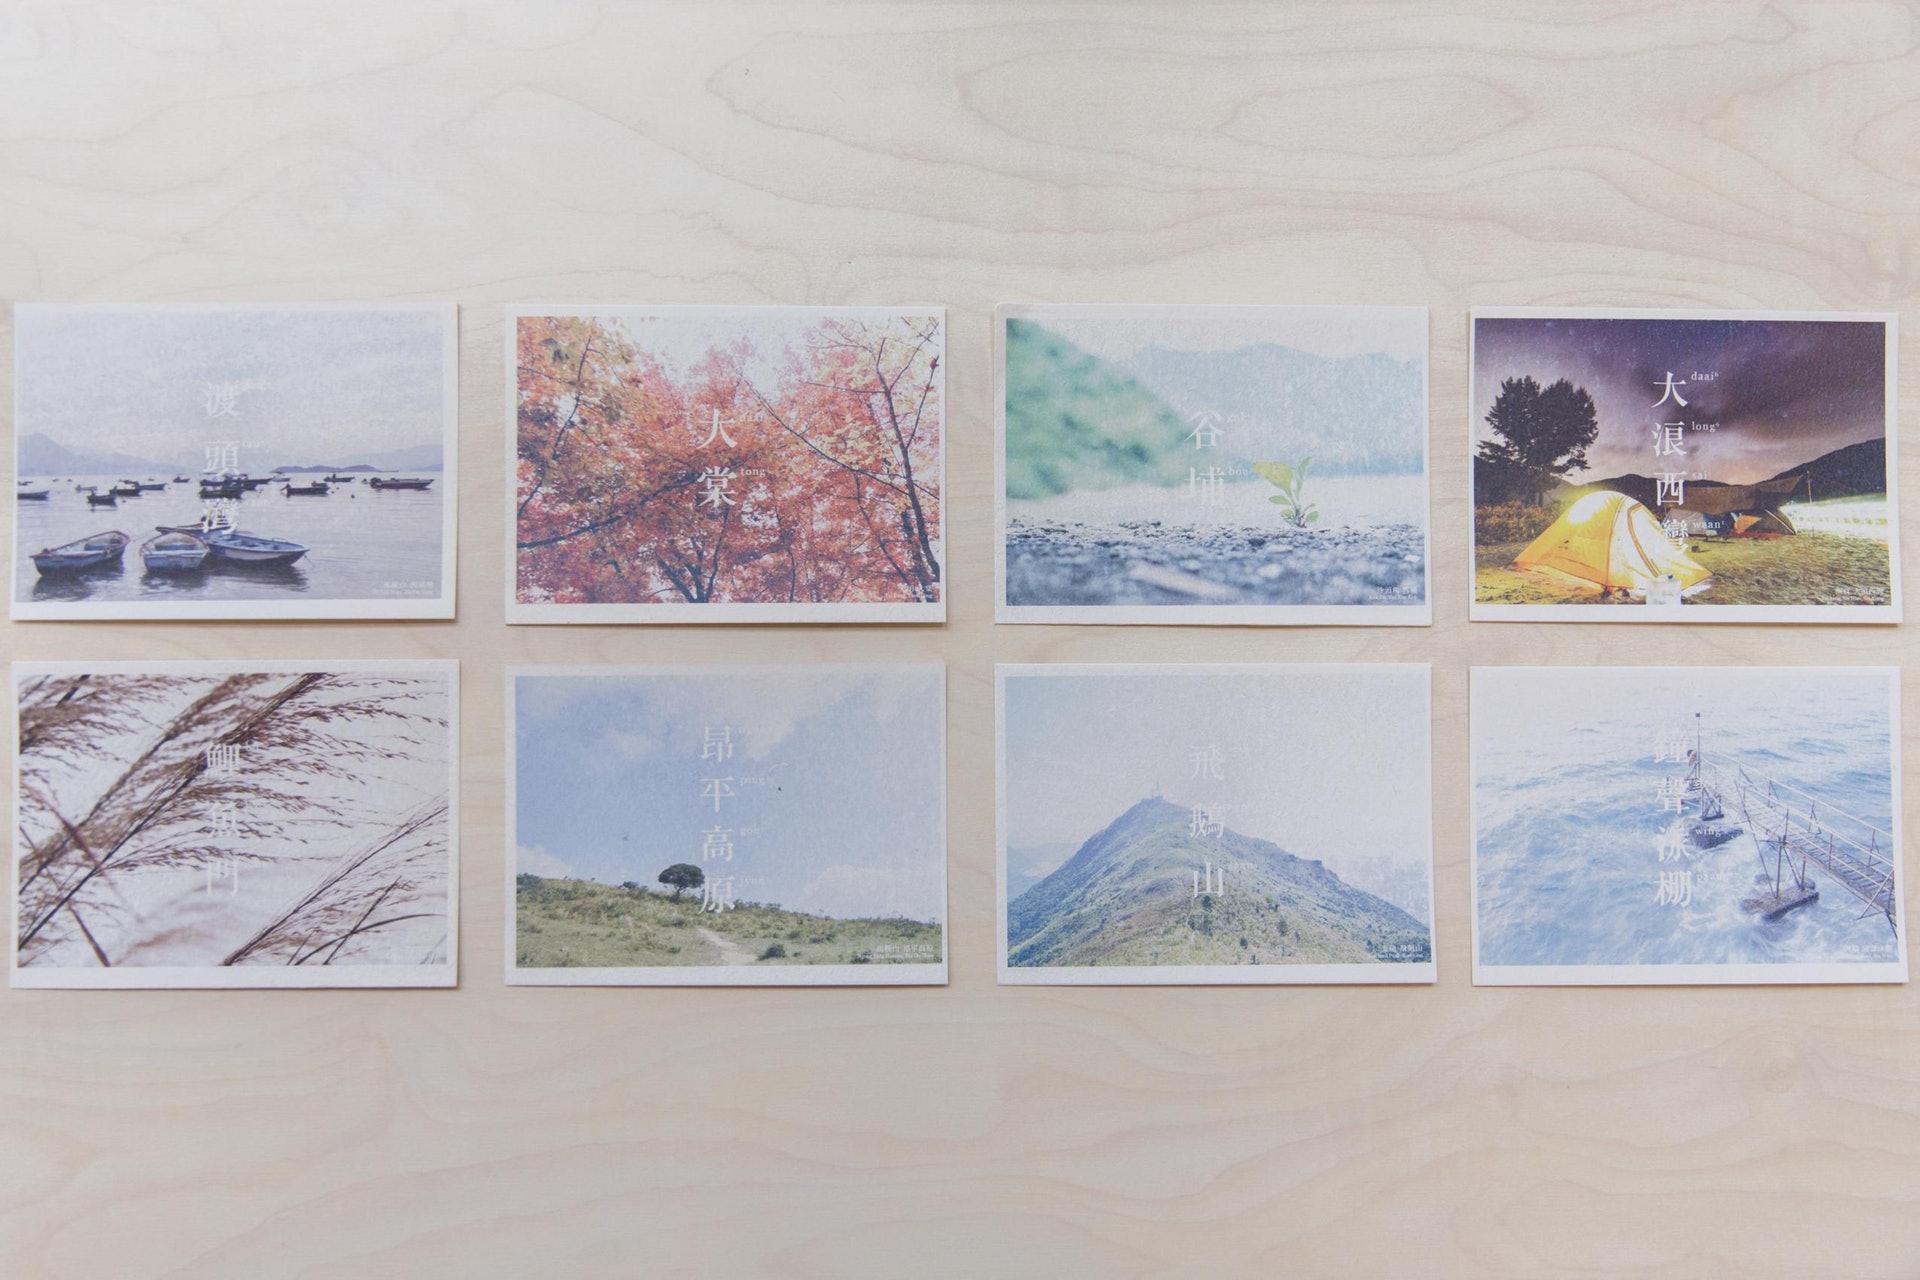 V'air在去年10月推出「香港隱世景點明信片」,主力向外國朋友推介香港繁華以外的一面。(梁鵬威攝)